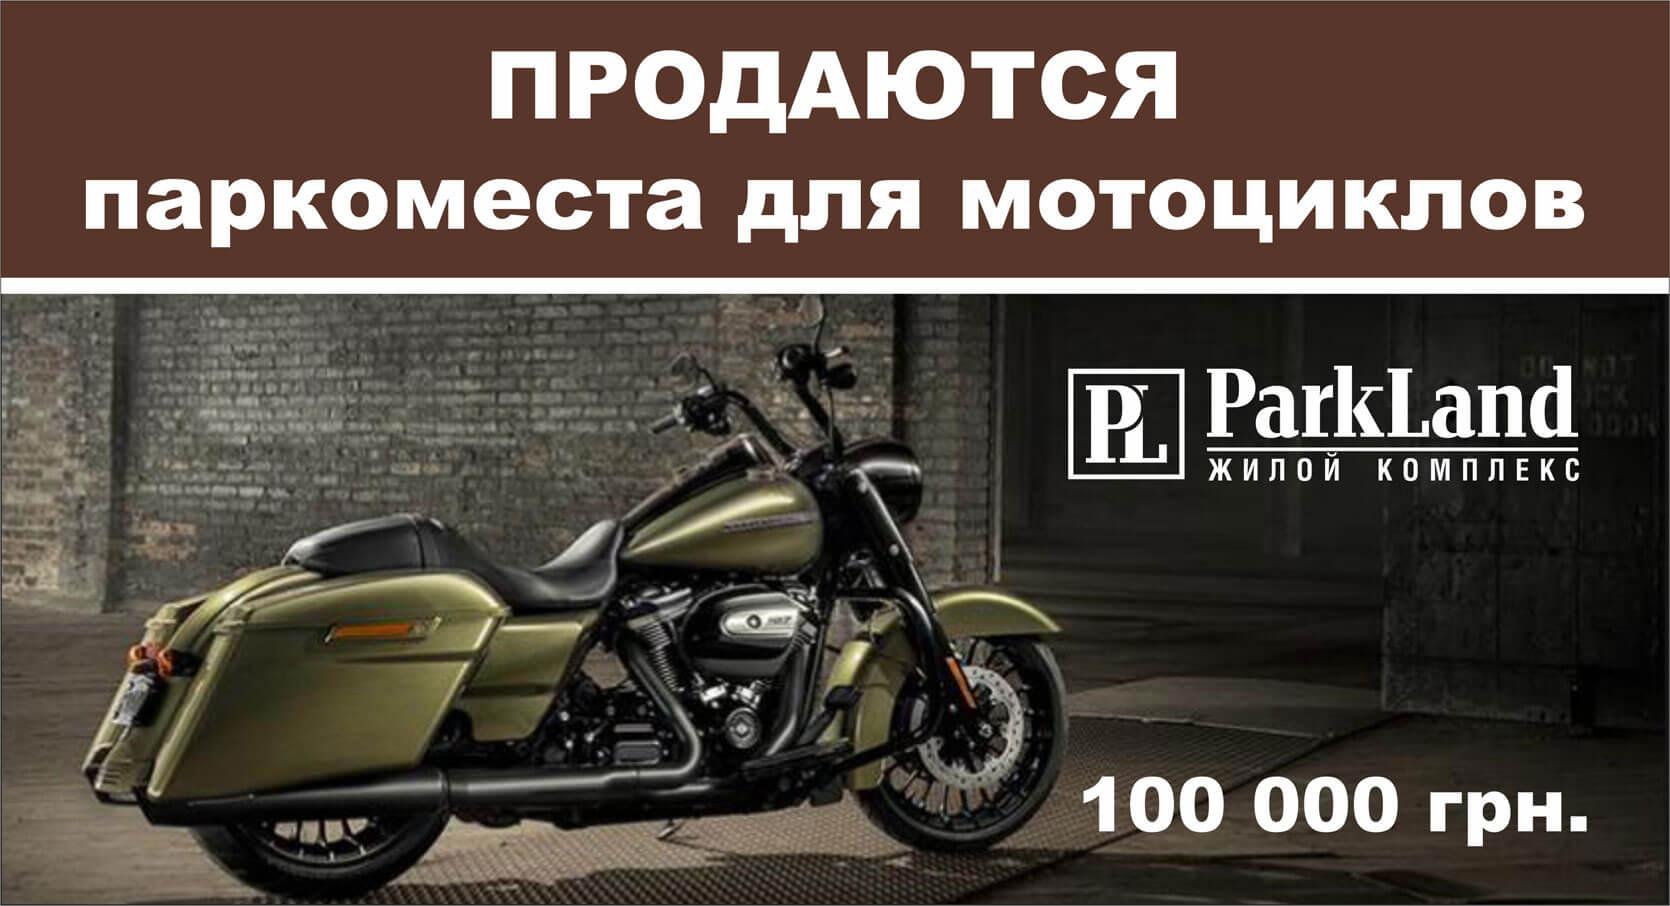 akzii-parkland-motomesto-ru